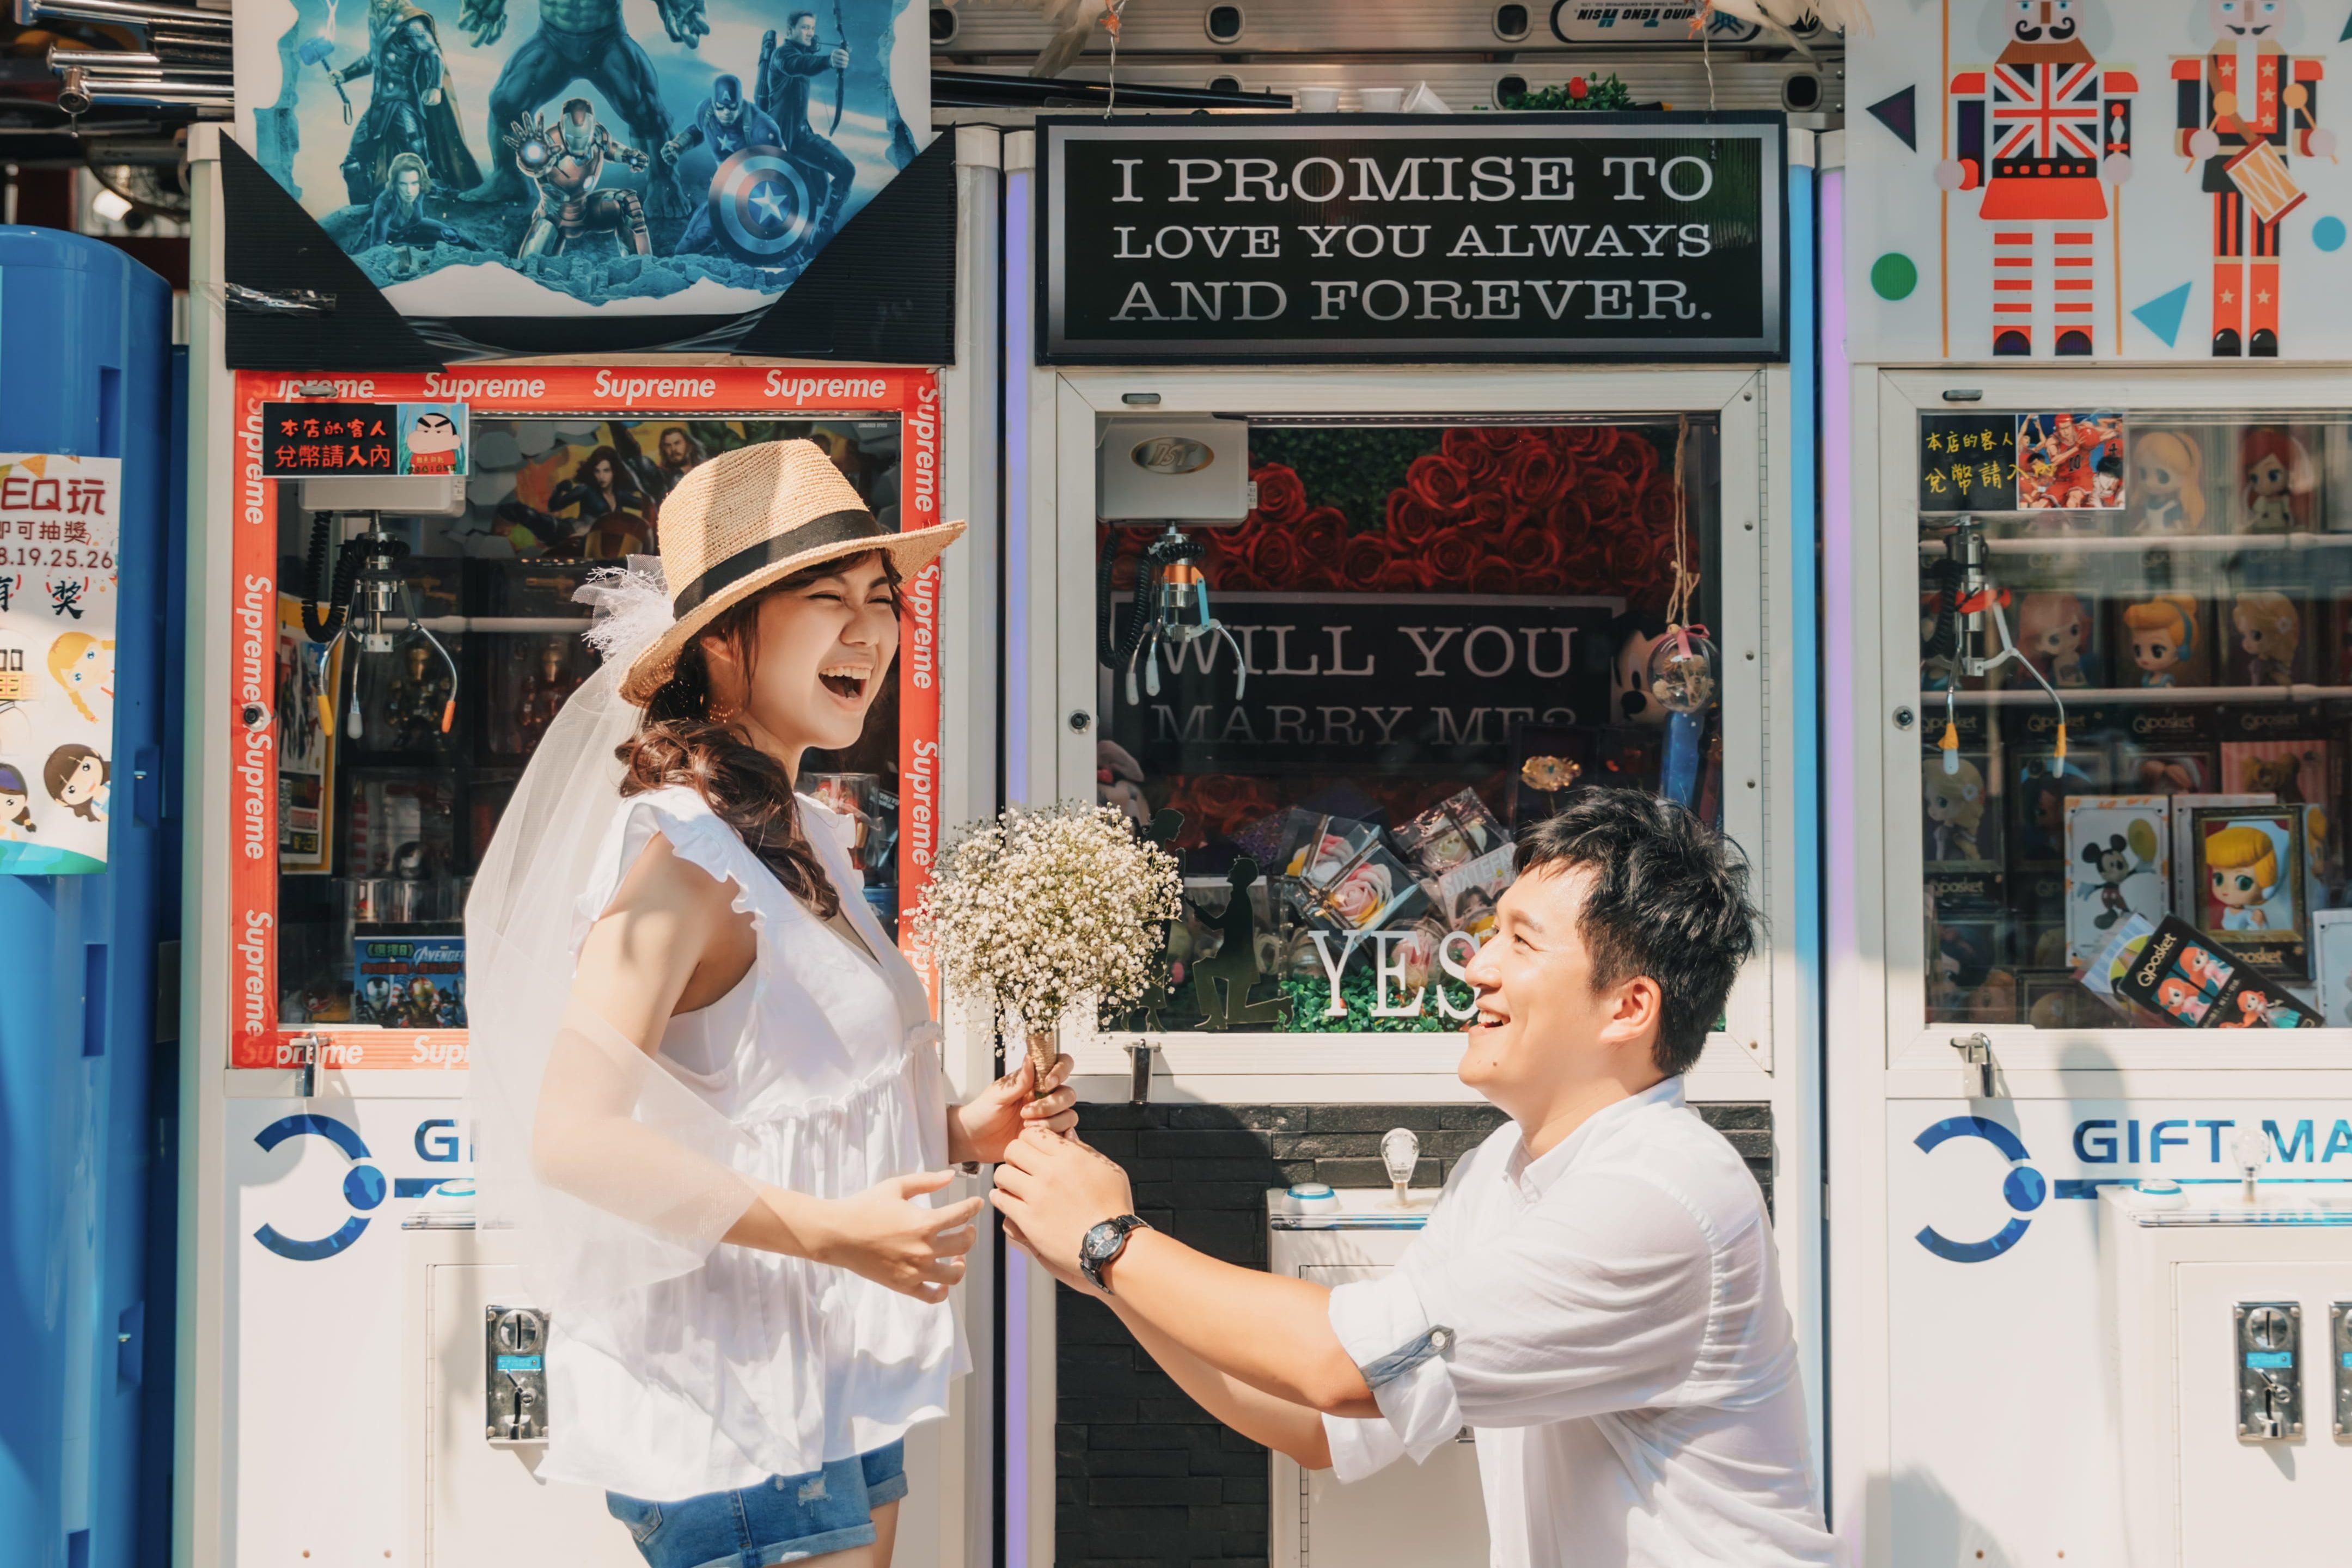 空氣日系輕婚紗寫真,台南涼感度假模式啟動 |Hermosa 禮服